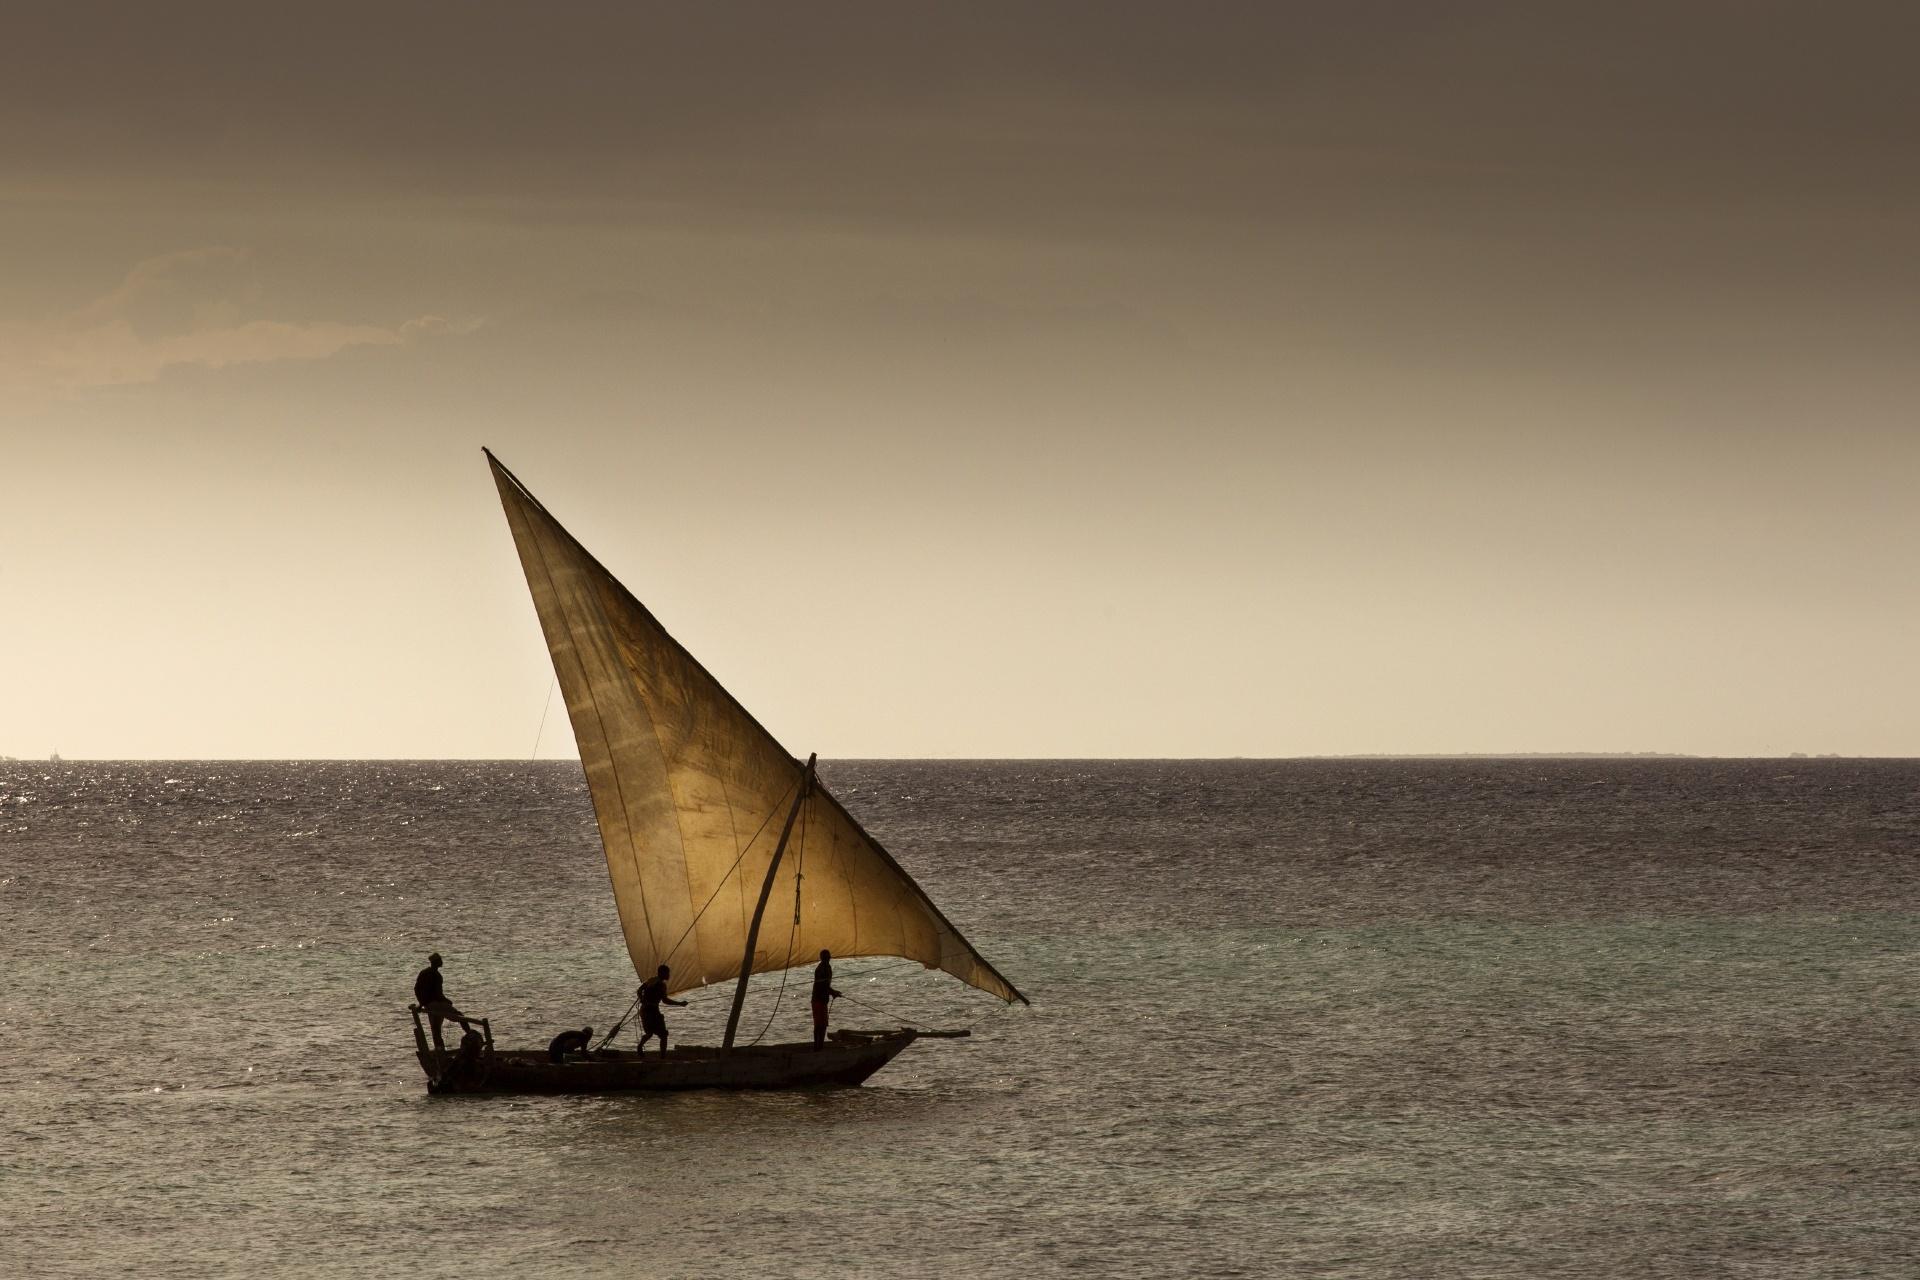 ザンジバル タンザニアの風景